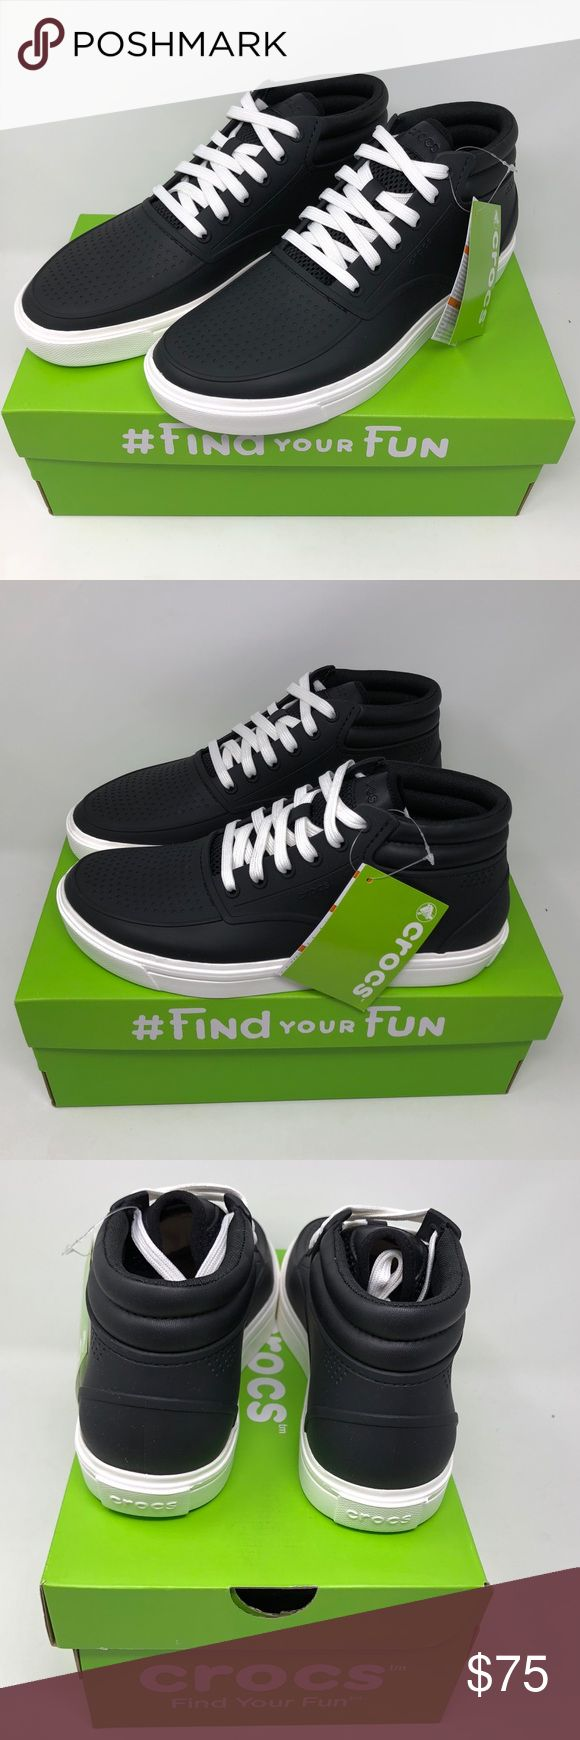 Crocs Men's Chukka Boots Roka Citilane 204686-066 Crocs  Men's  Chukka Boots  Roka Citilane  Style: 204686-066 Black with white sole  Lace up Standard Fit CROCS Shoes Chukka Boots #Men'sCrocsShoes